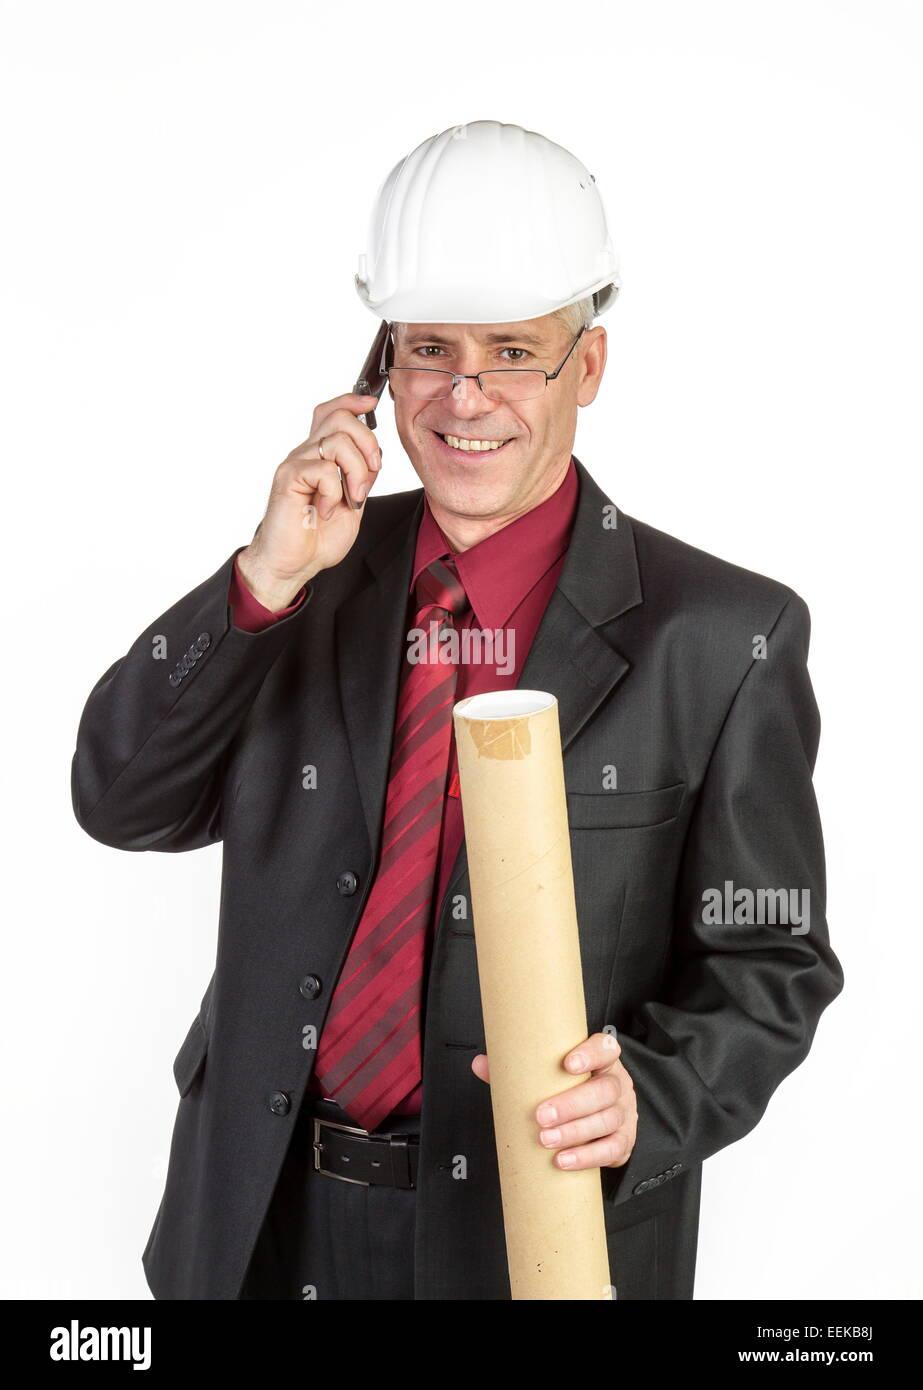 Architekt telefoniert Architekt telephones - Stock Image